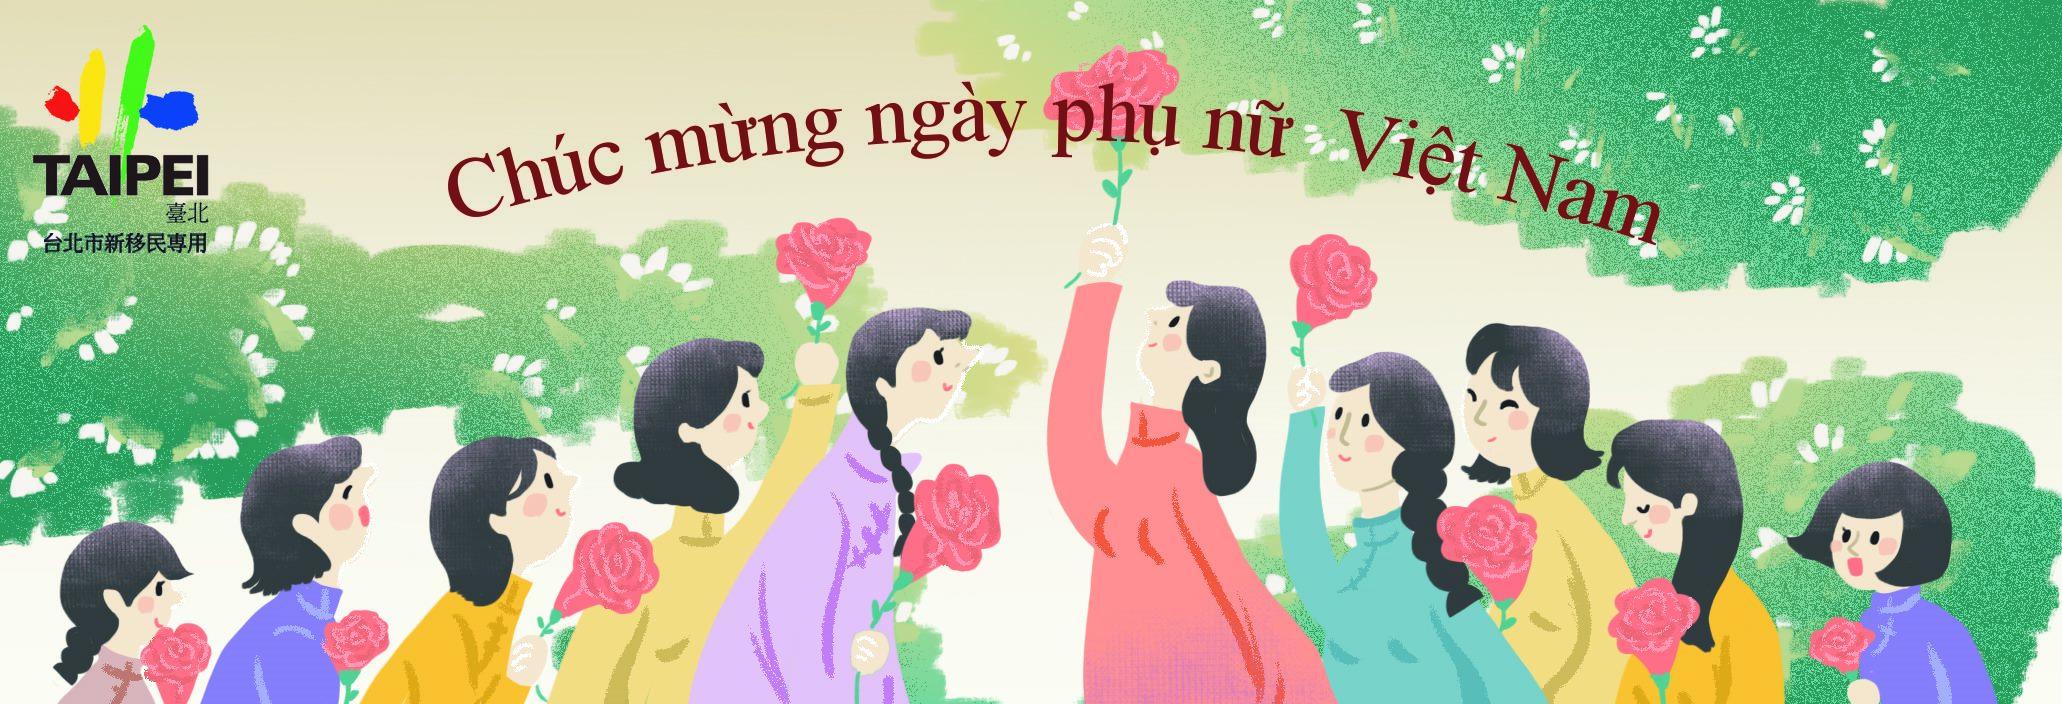 2020 -ベトナム婦人の日